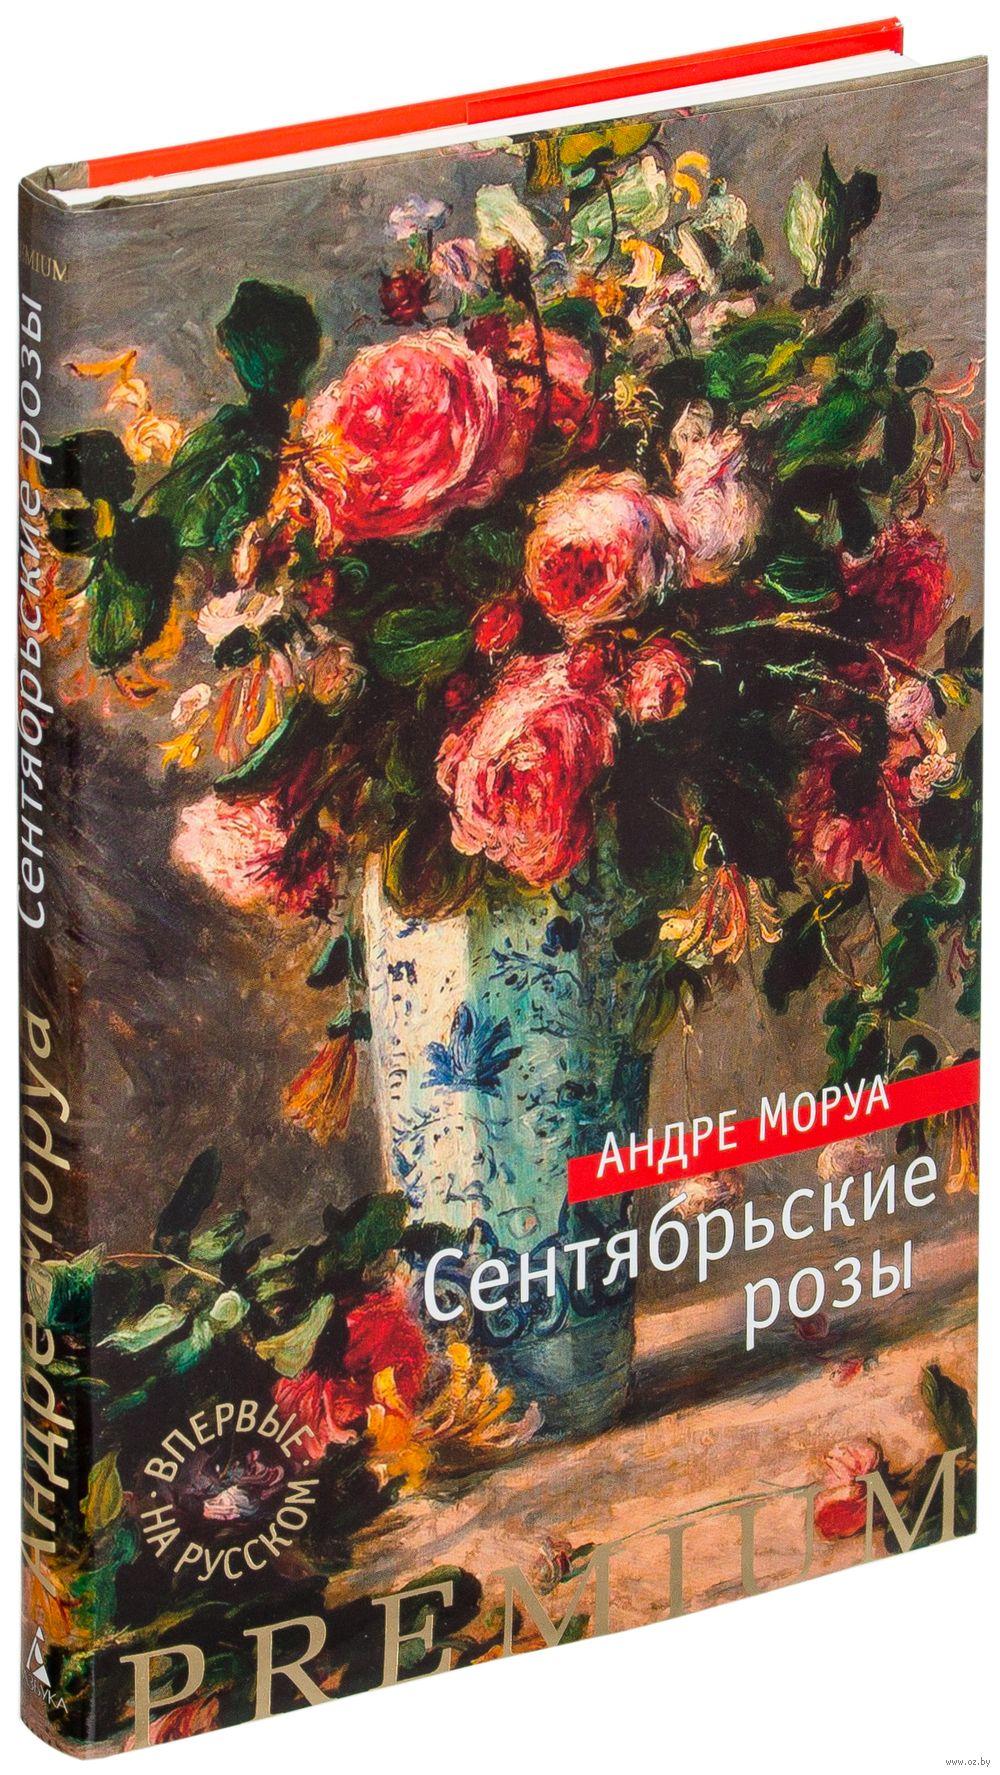 Моруа сентябрьские розы купить доставка цветов по снг и странам балтии